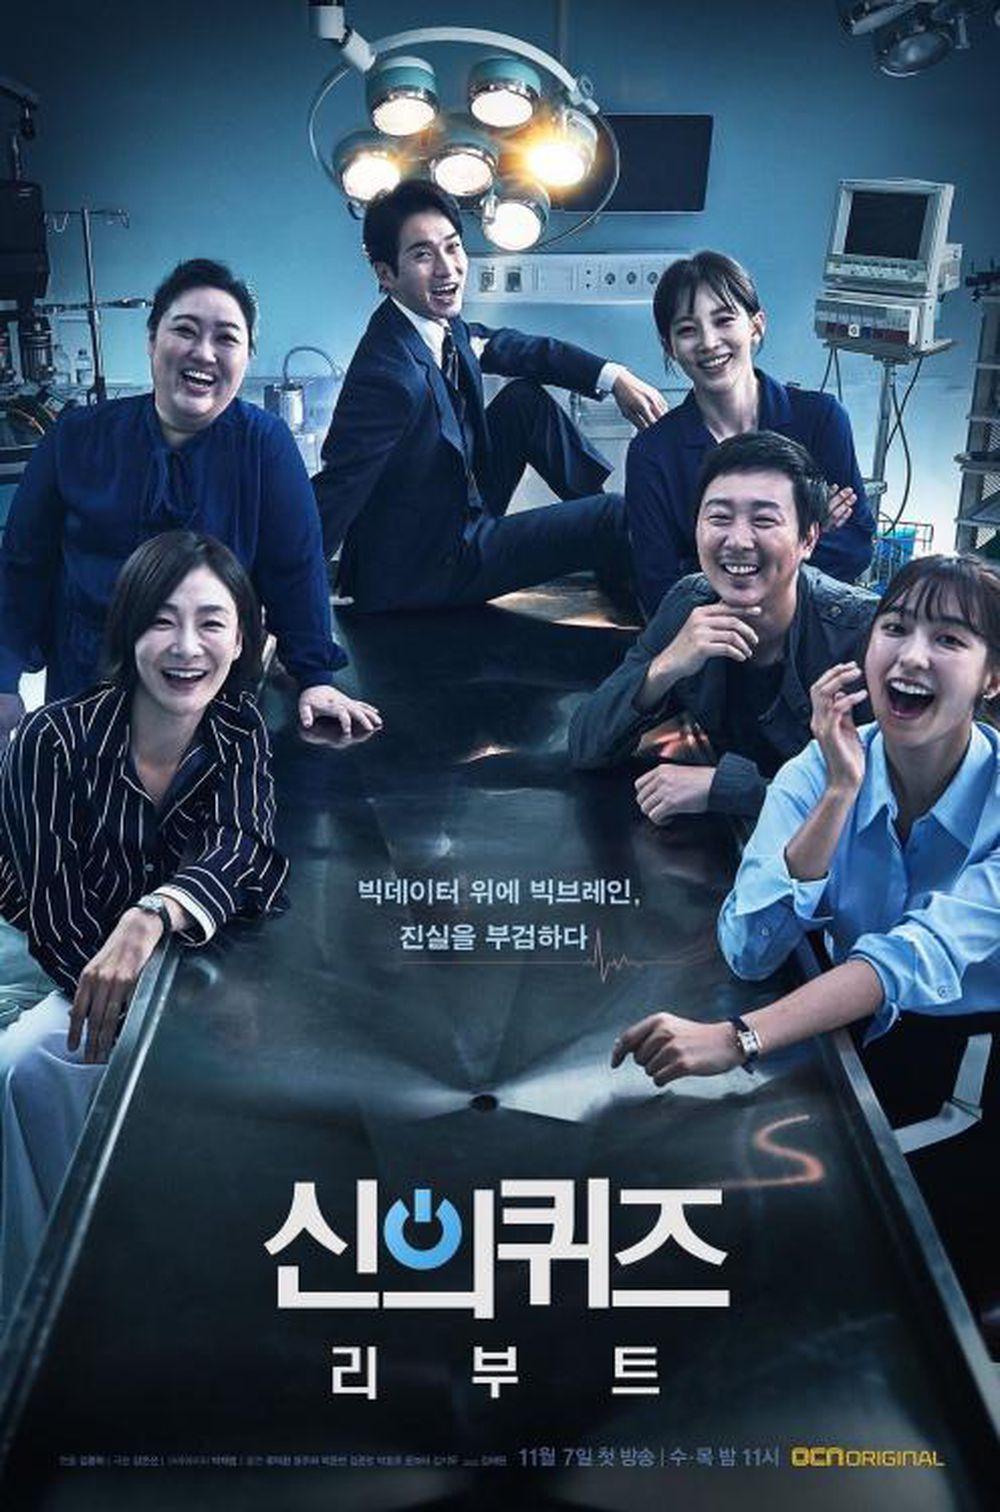 Lượt xem tập 2 'Encounter' của Song Hye Kyo và Park Bo Gum